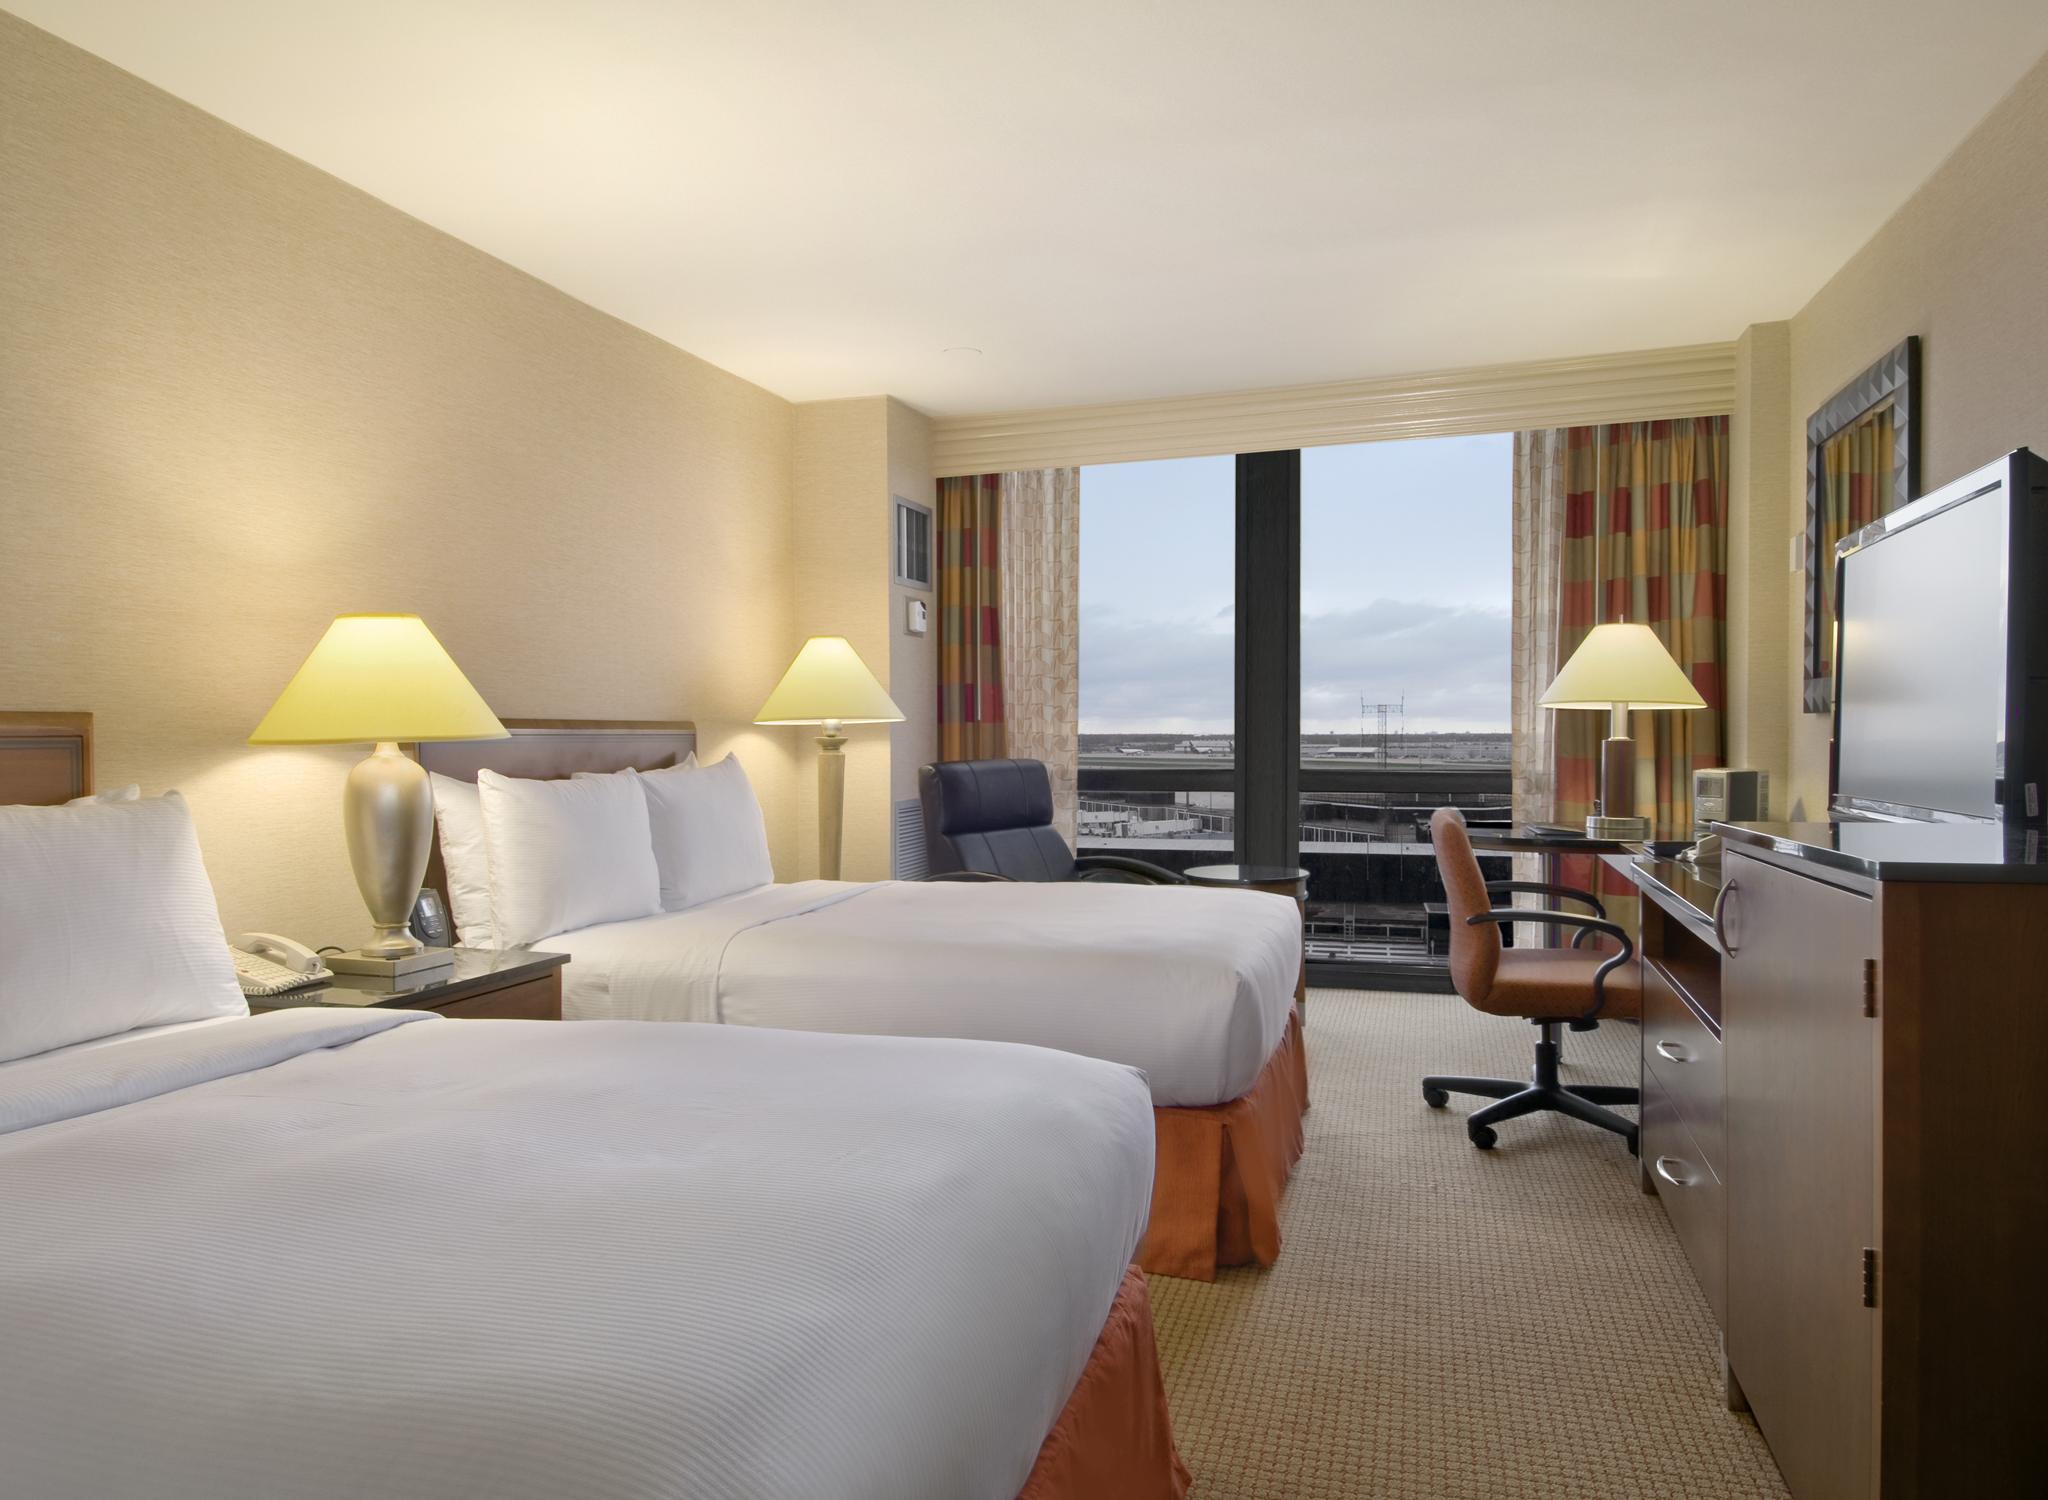 hilton hotels & resorts | usa | vereinigte staaten - Modernes Schlafzimmer Interieur Reise